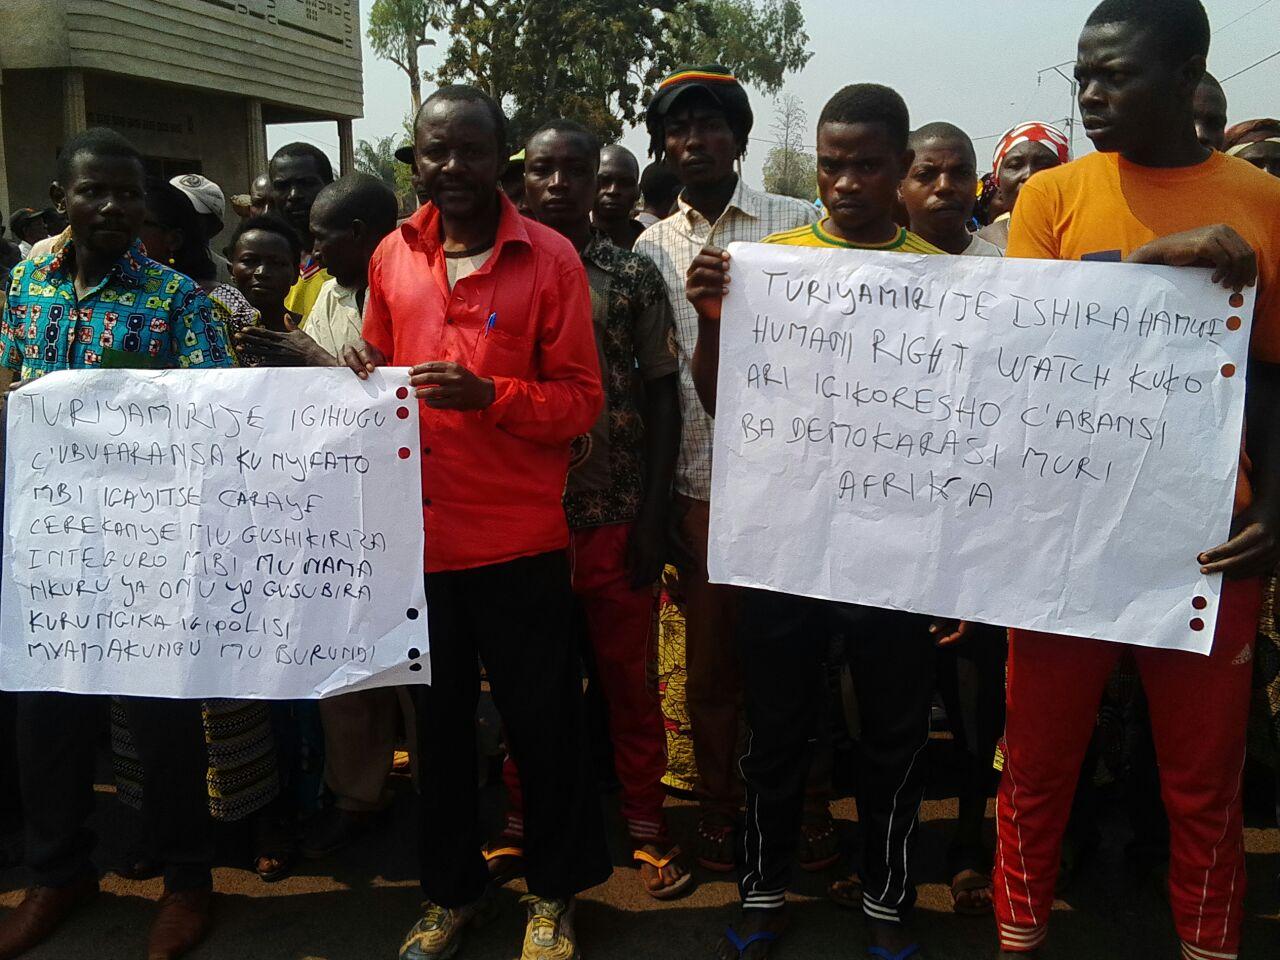 Une manifestation a été organisée par le pouvoir, le lendemain de l'adoption de cette résolution.